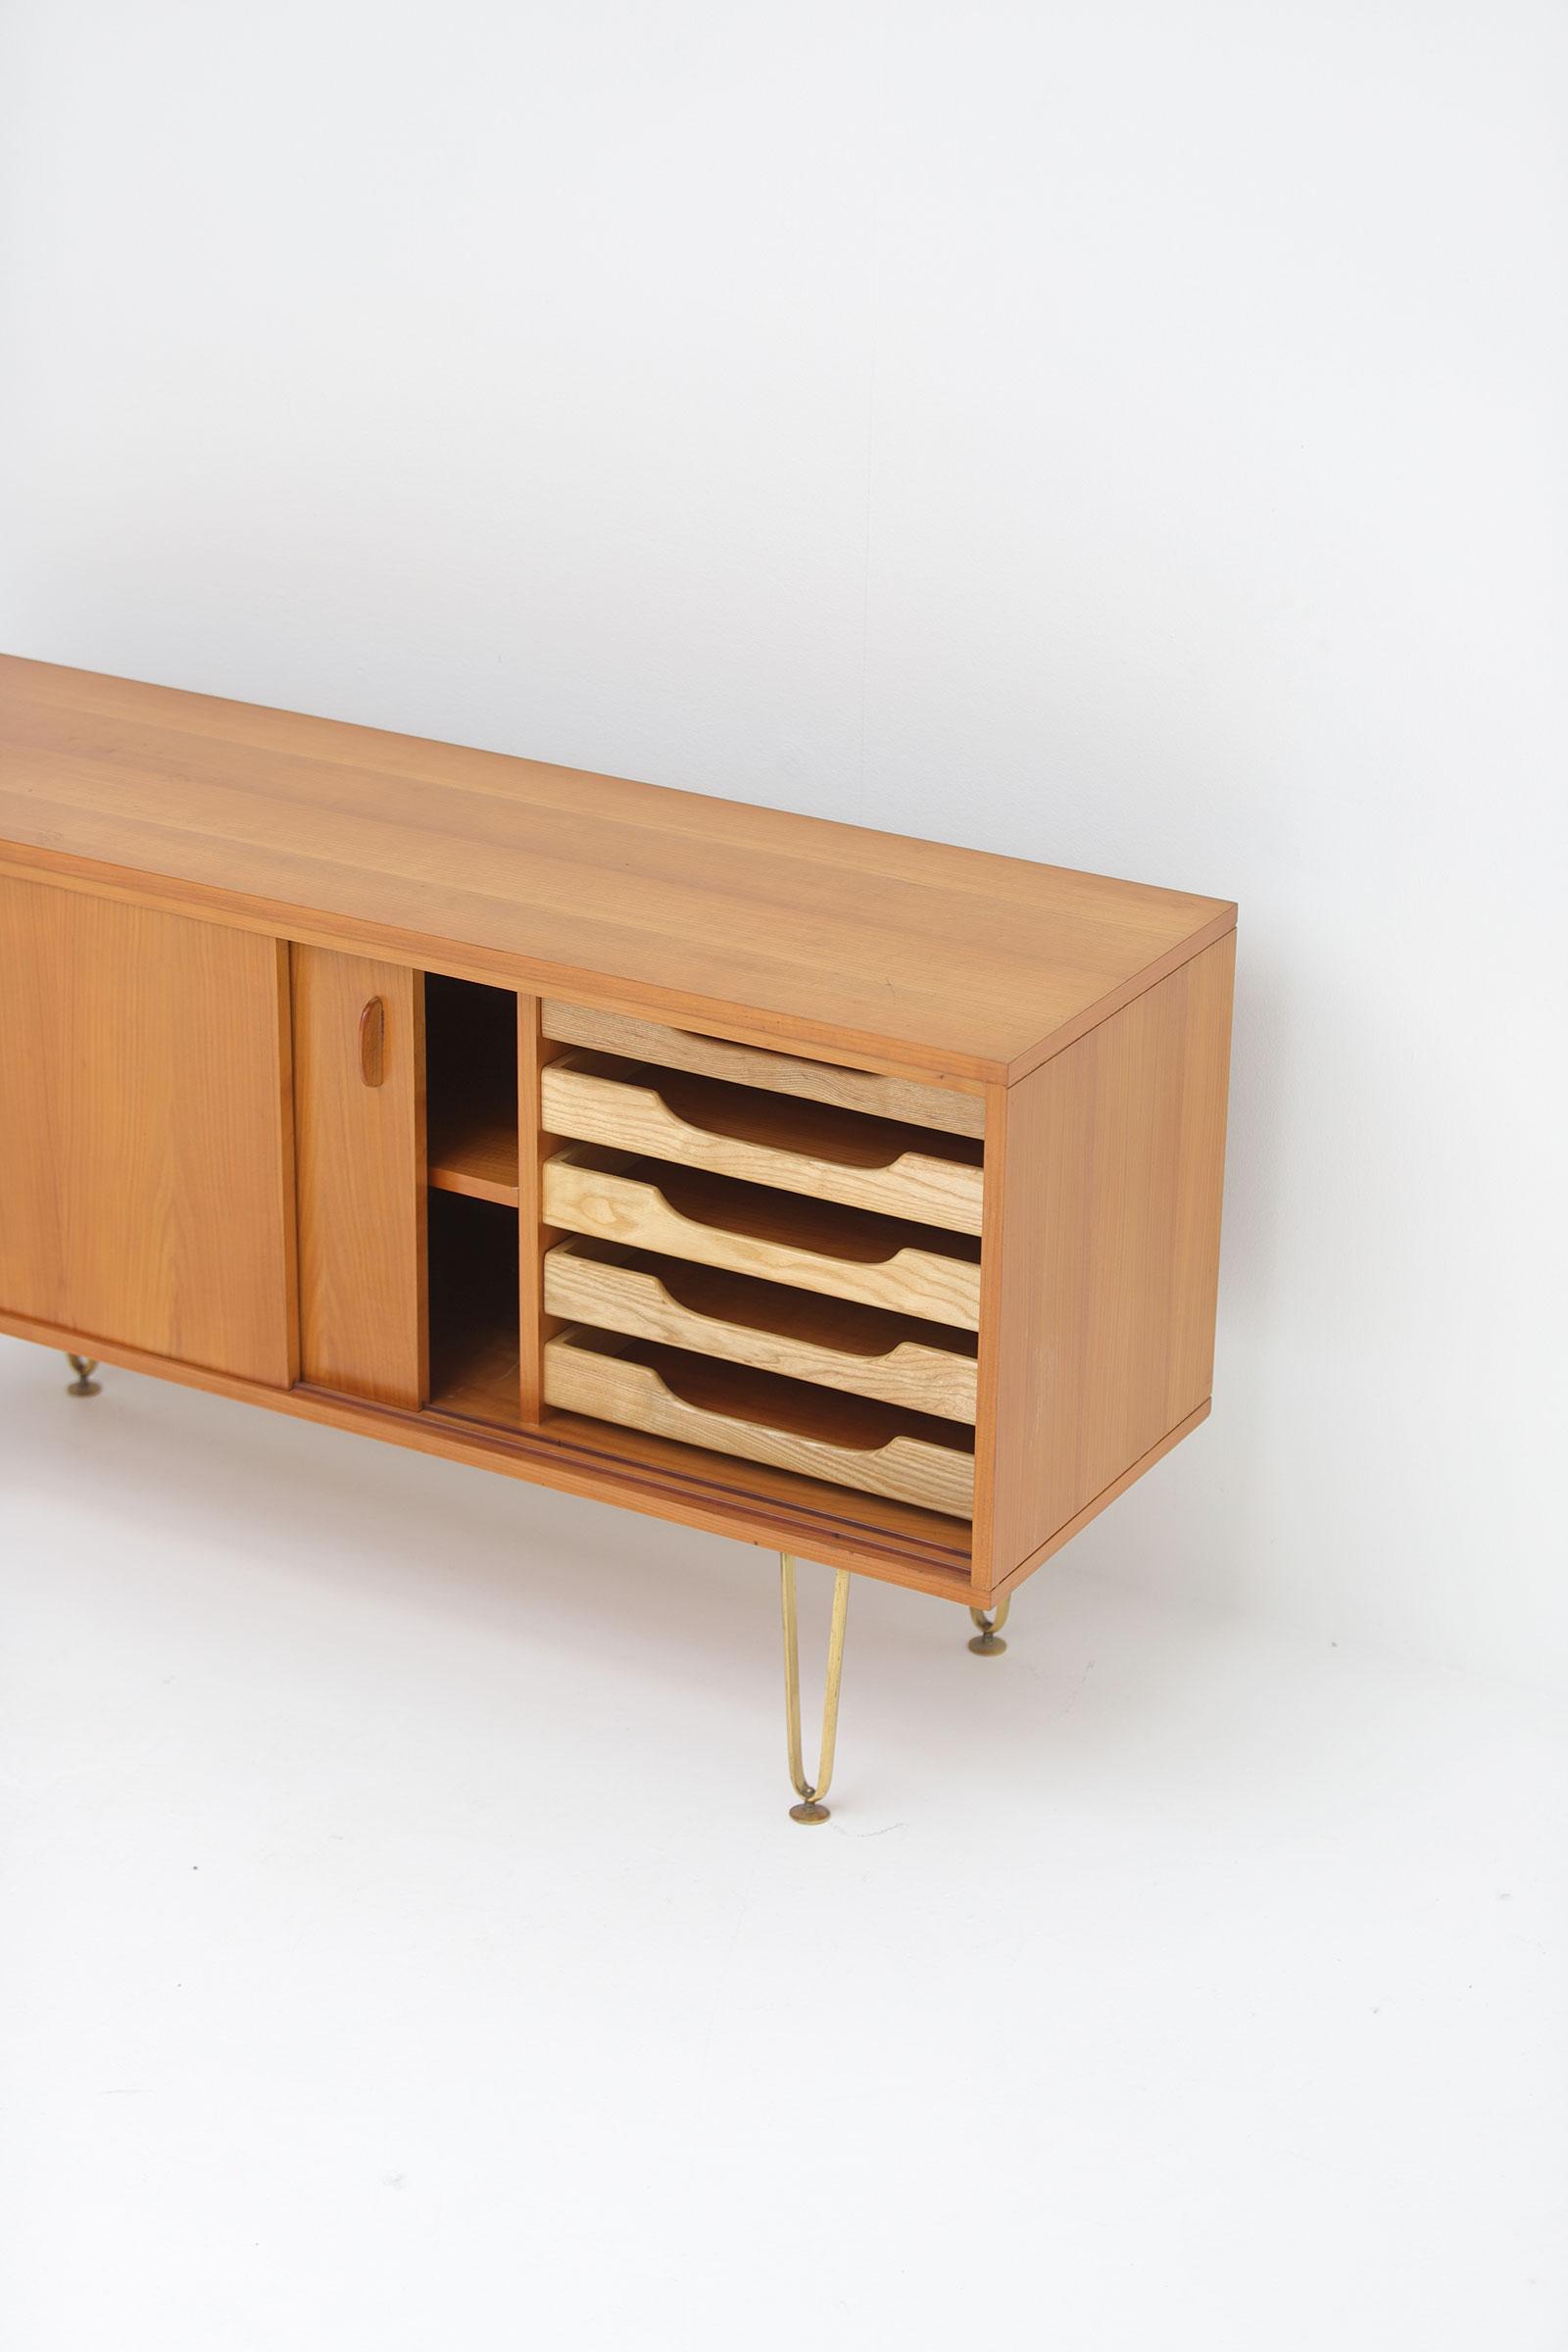 Alfred Hendrickx Rare 1958 Cabinet